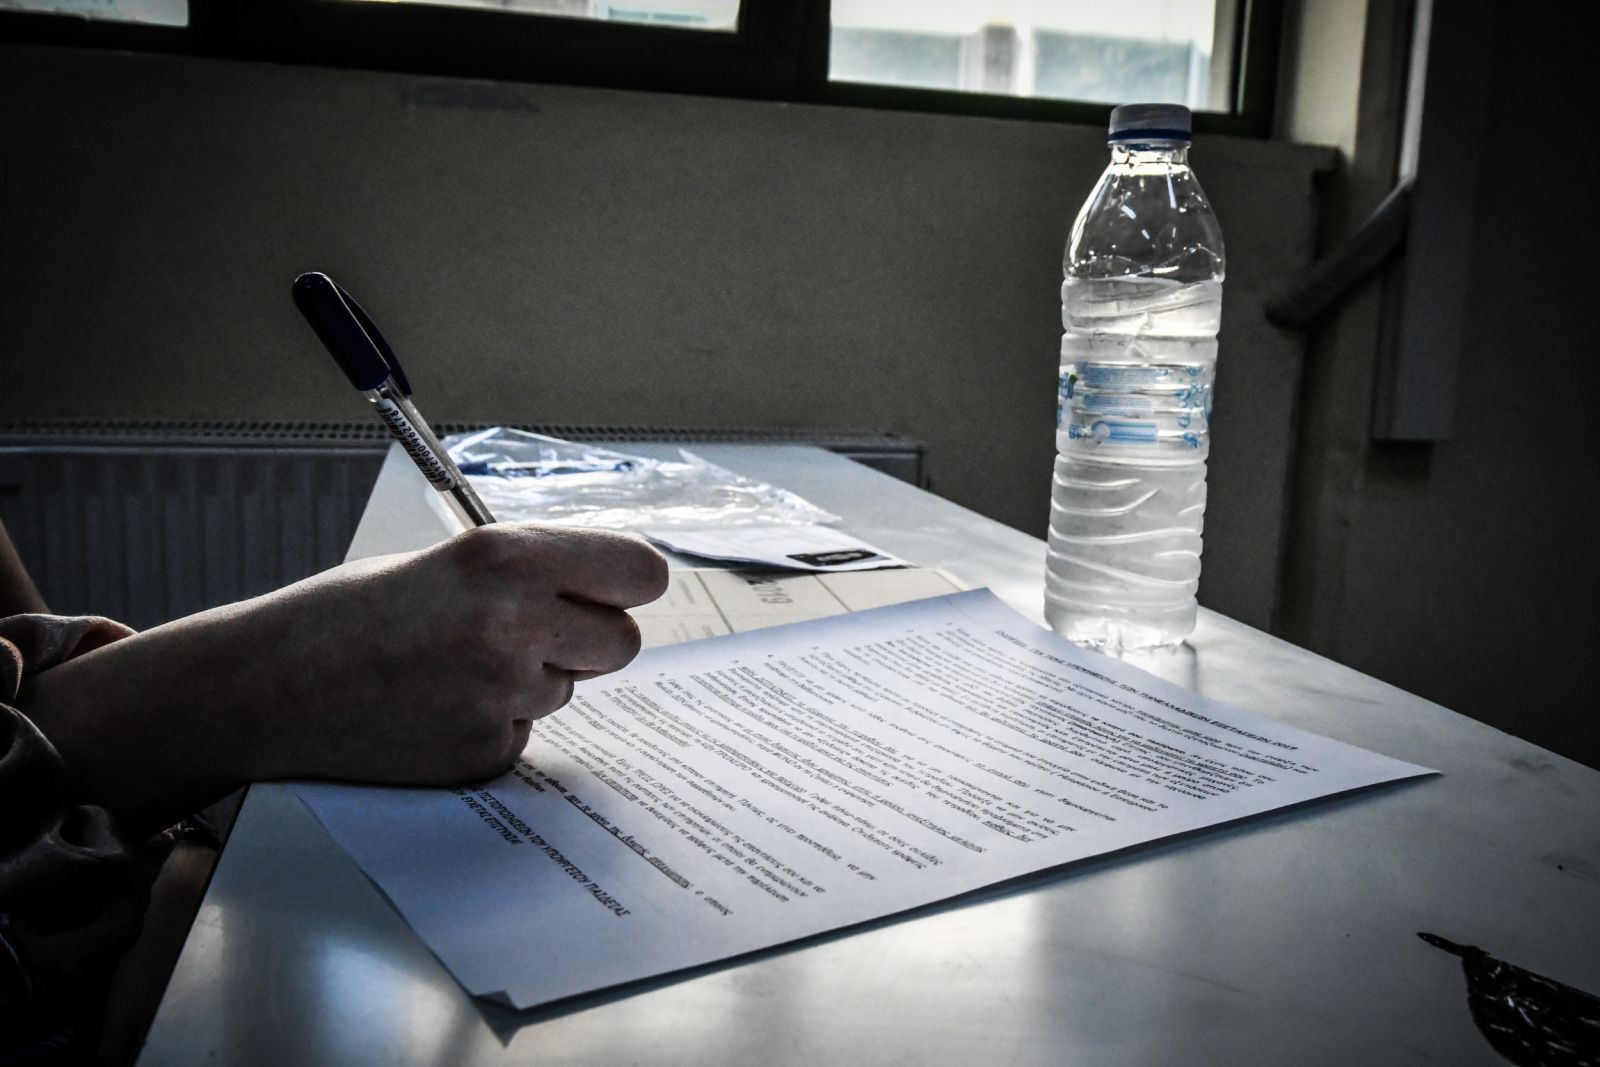 Κεραμέως: Στόχος οι Πανελλαδικές να ολοκληρωθούν μέχρι τα μέσα Ιουλίου